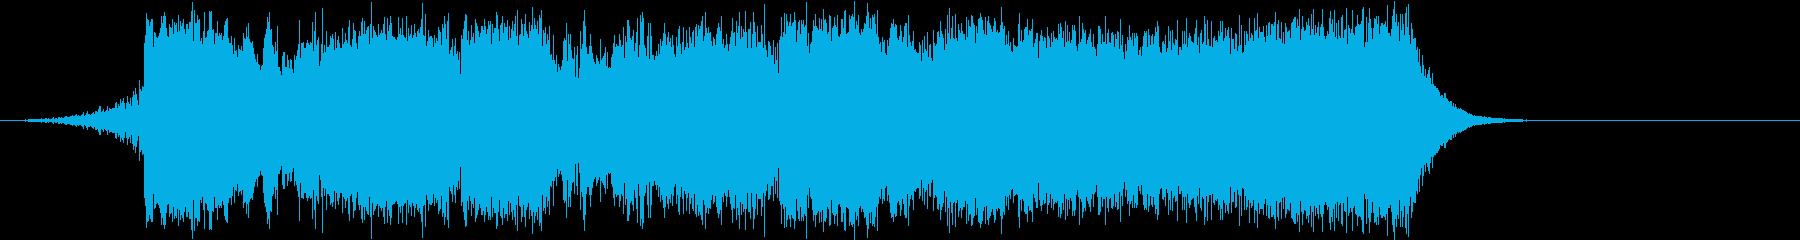 ピンチシーンのRPG系オーケストラBGMの再生済みの波形